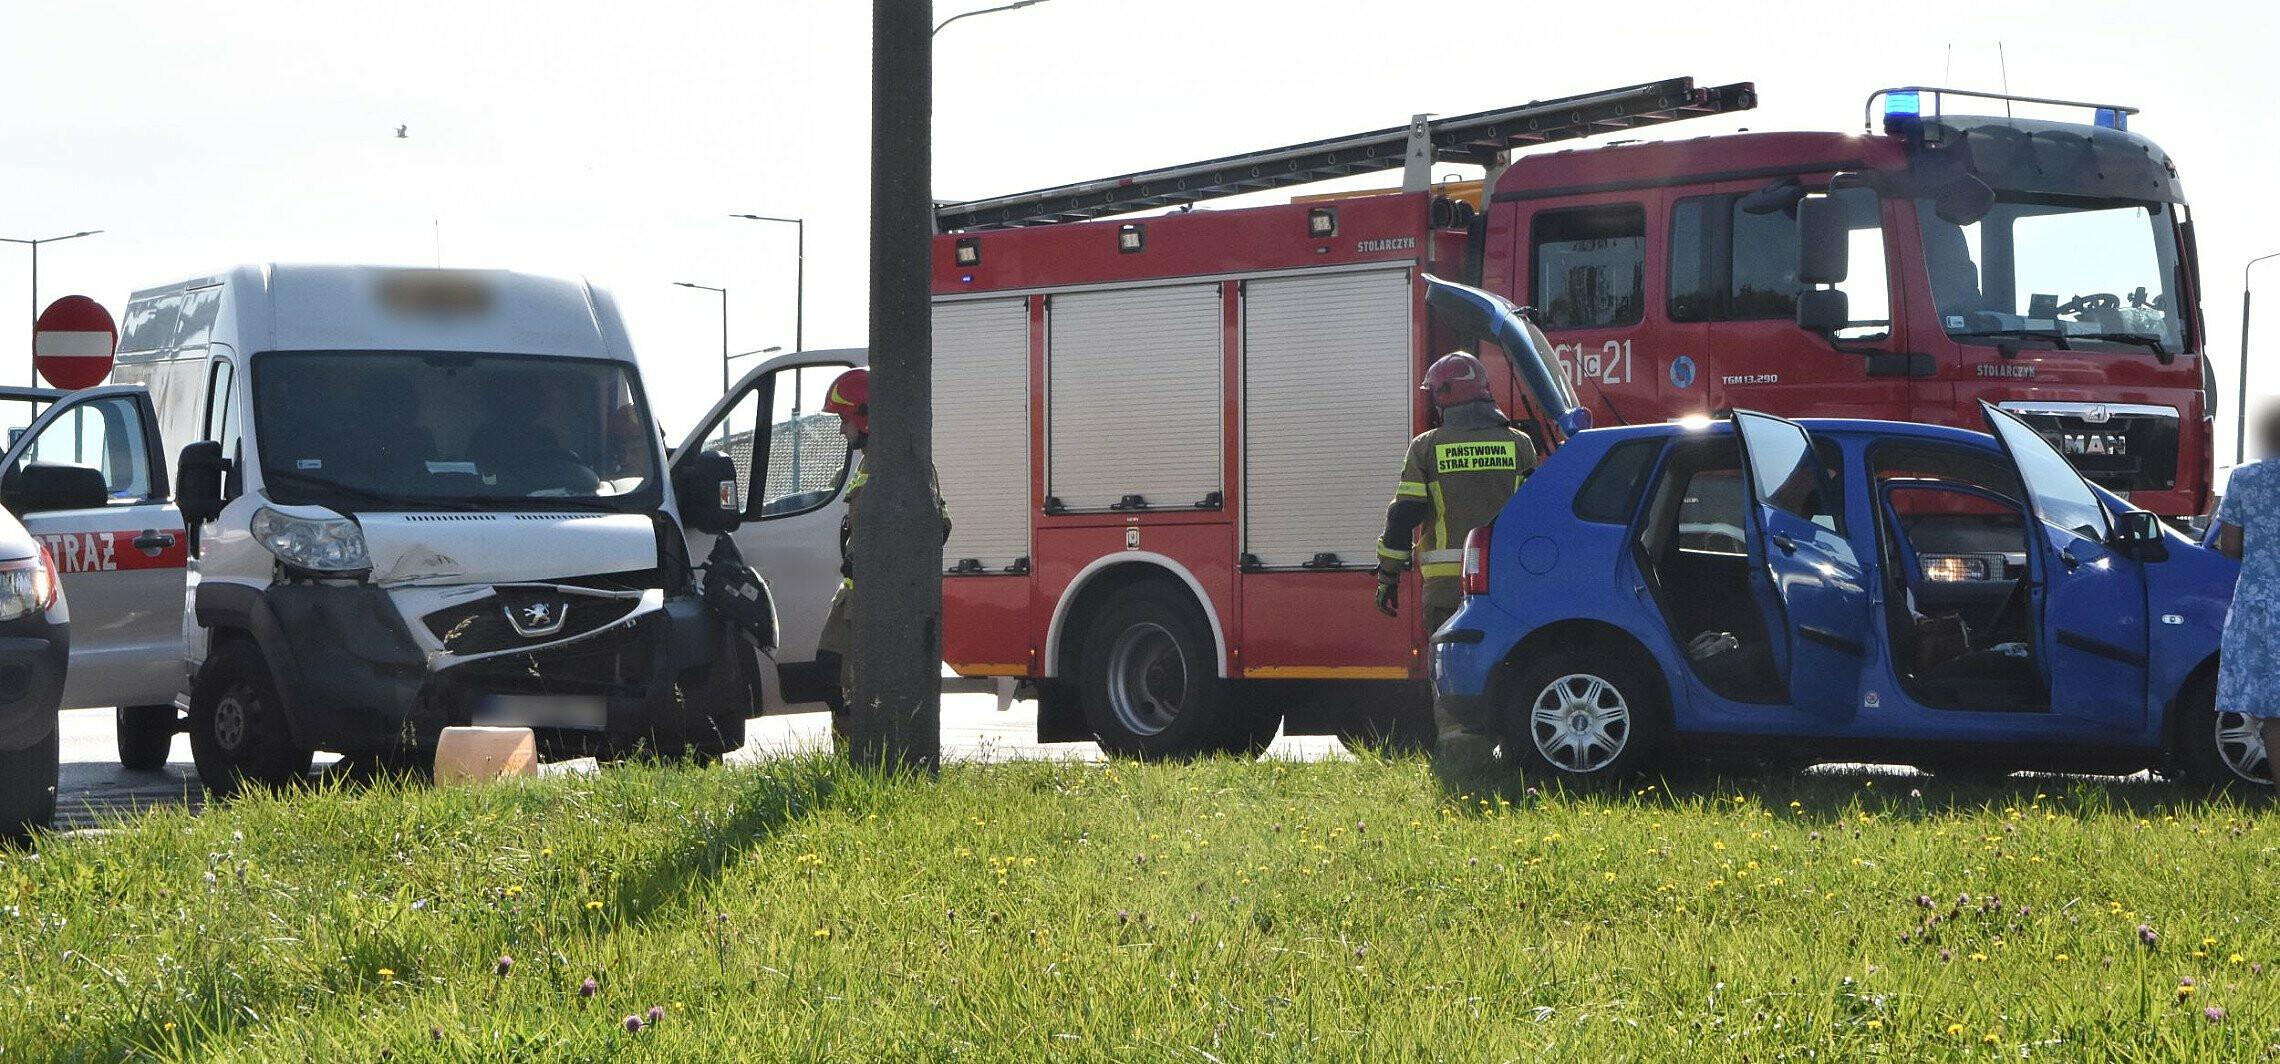 Inowrocław - Zderzenie trzech aut na Rąbinie. Są poszkodowani